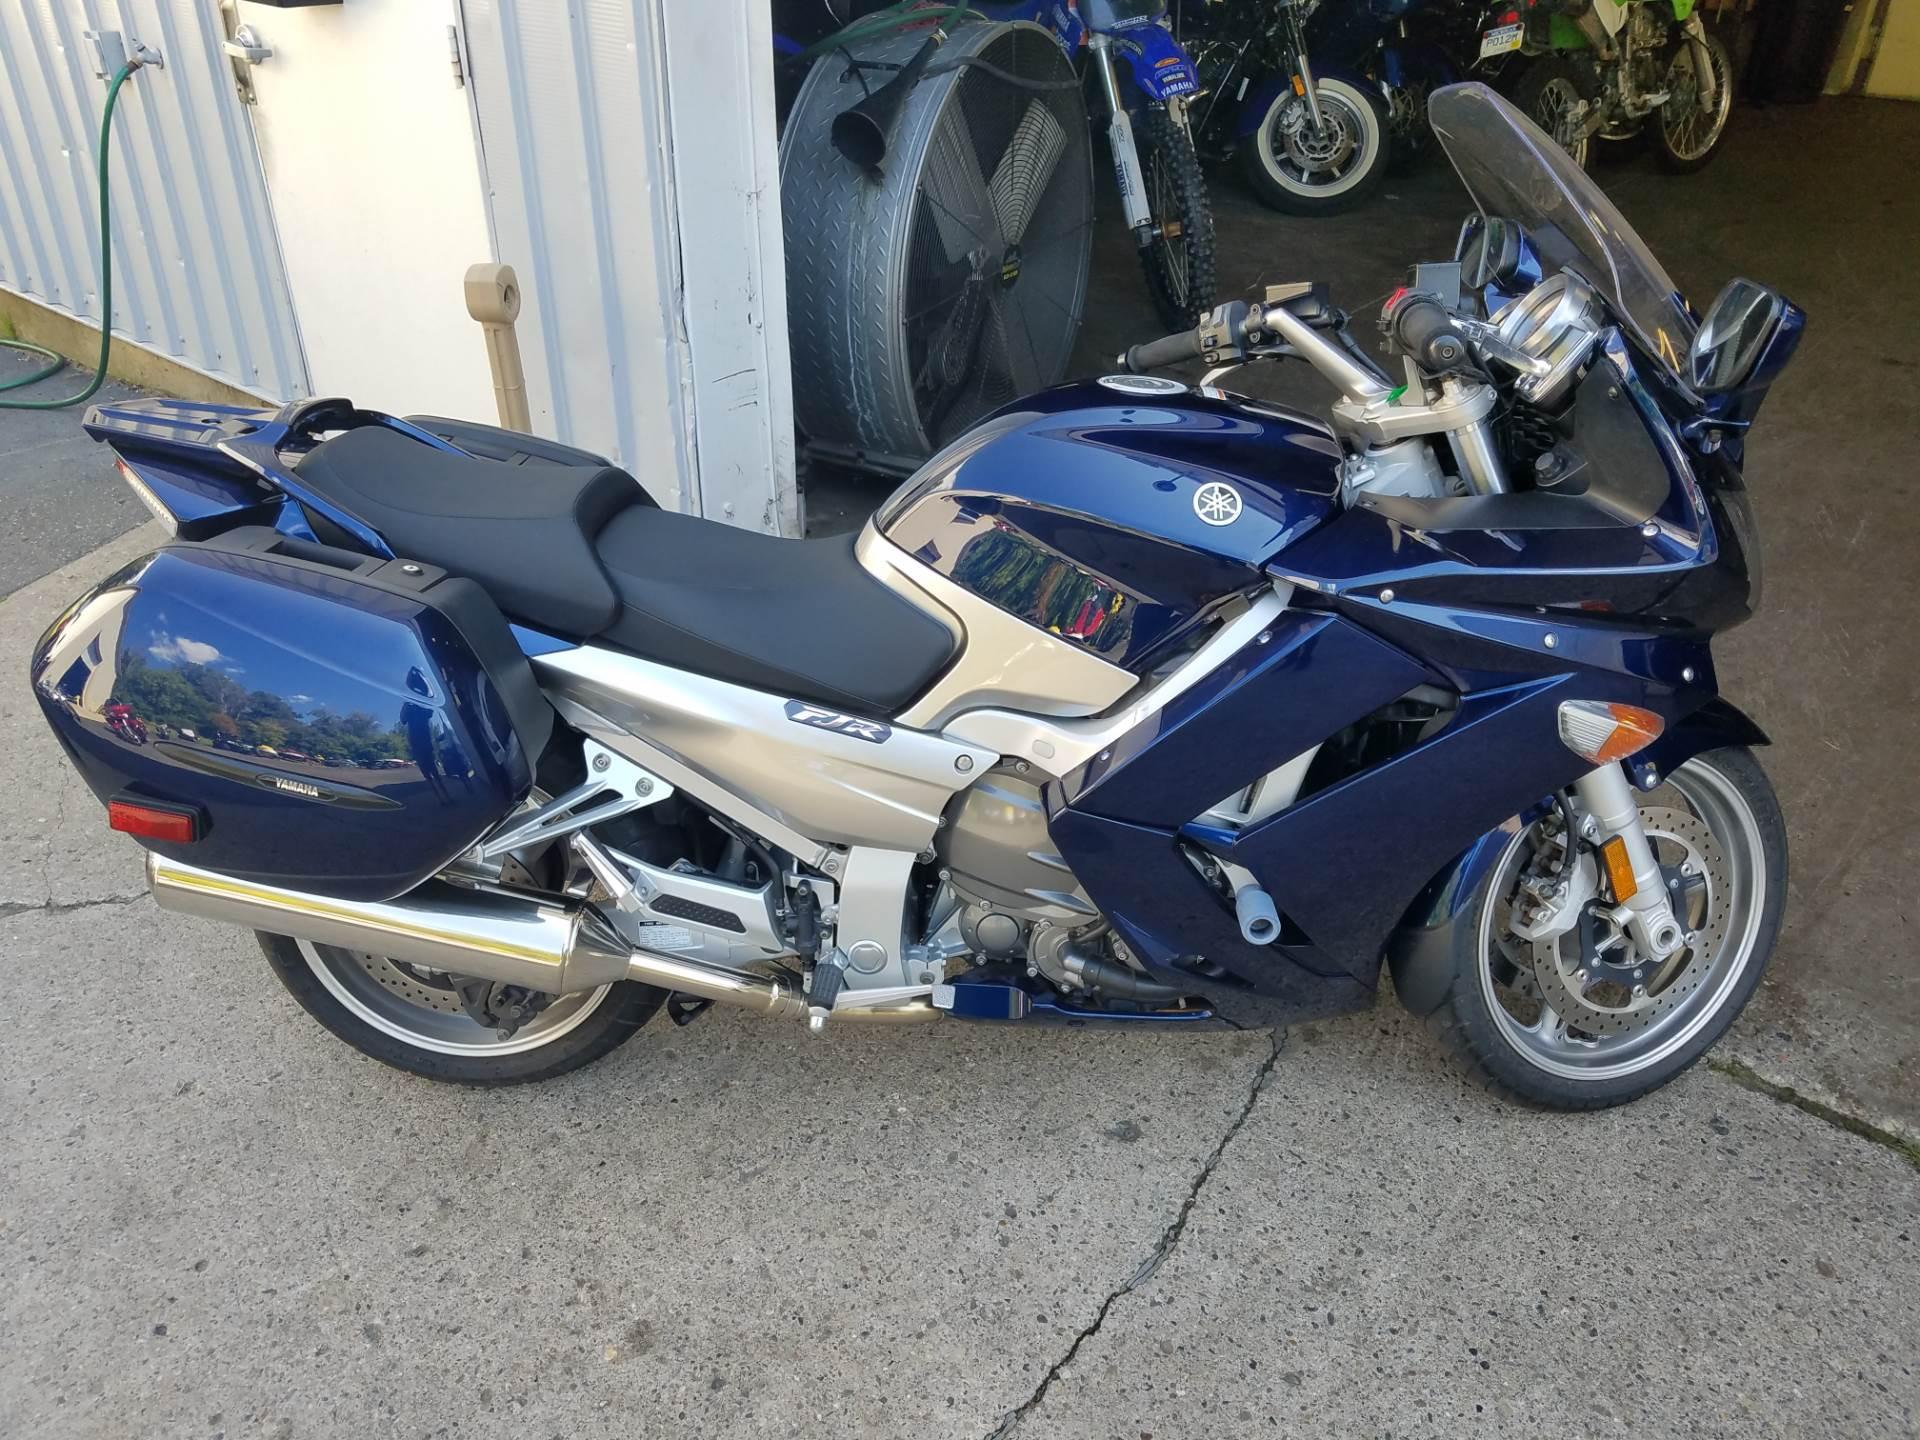 2006 Yamaha FJR 1300A for sale 69209